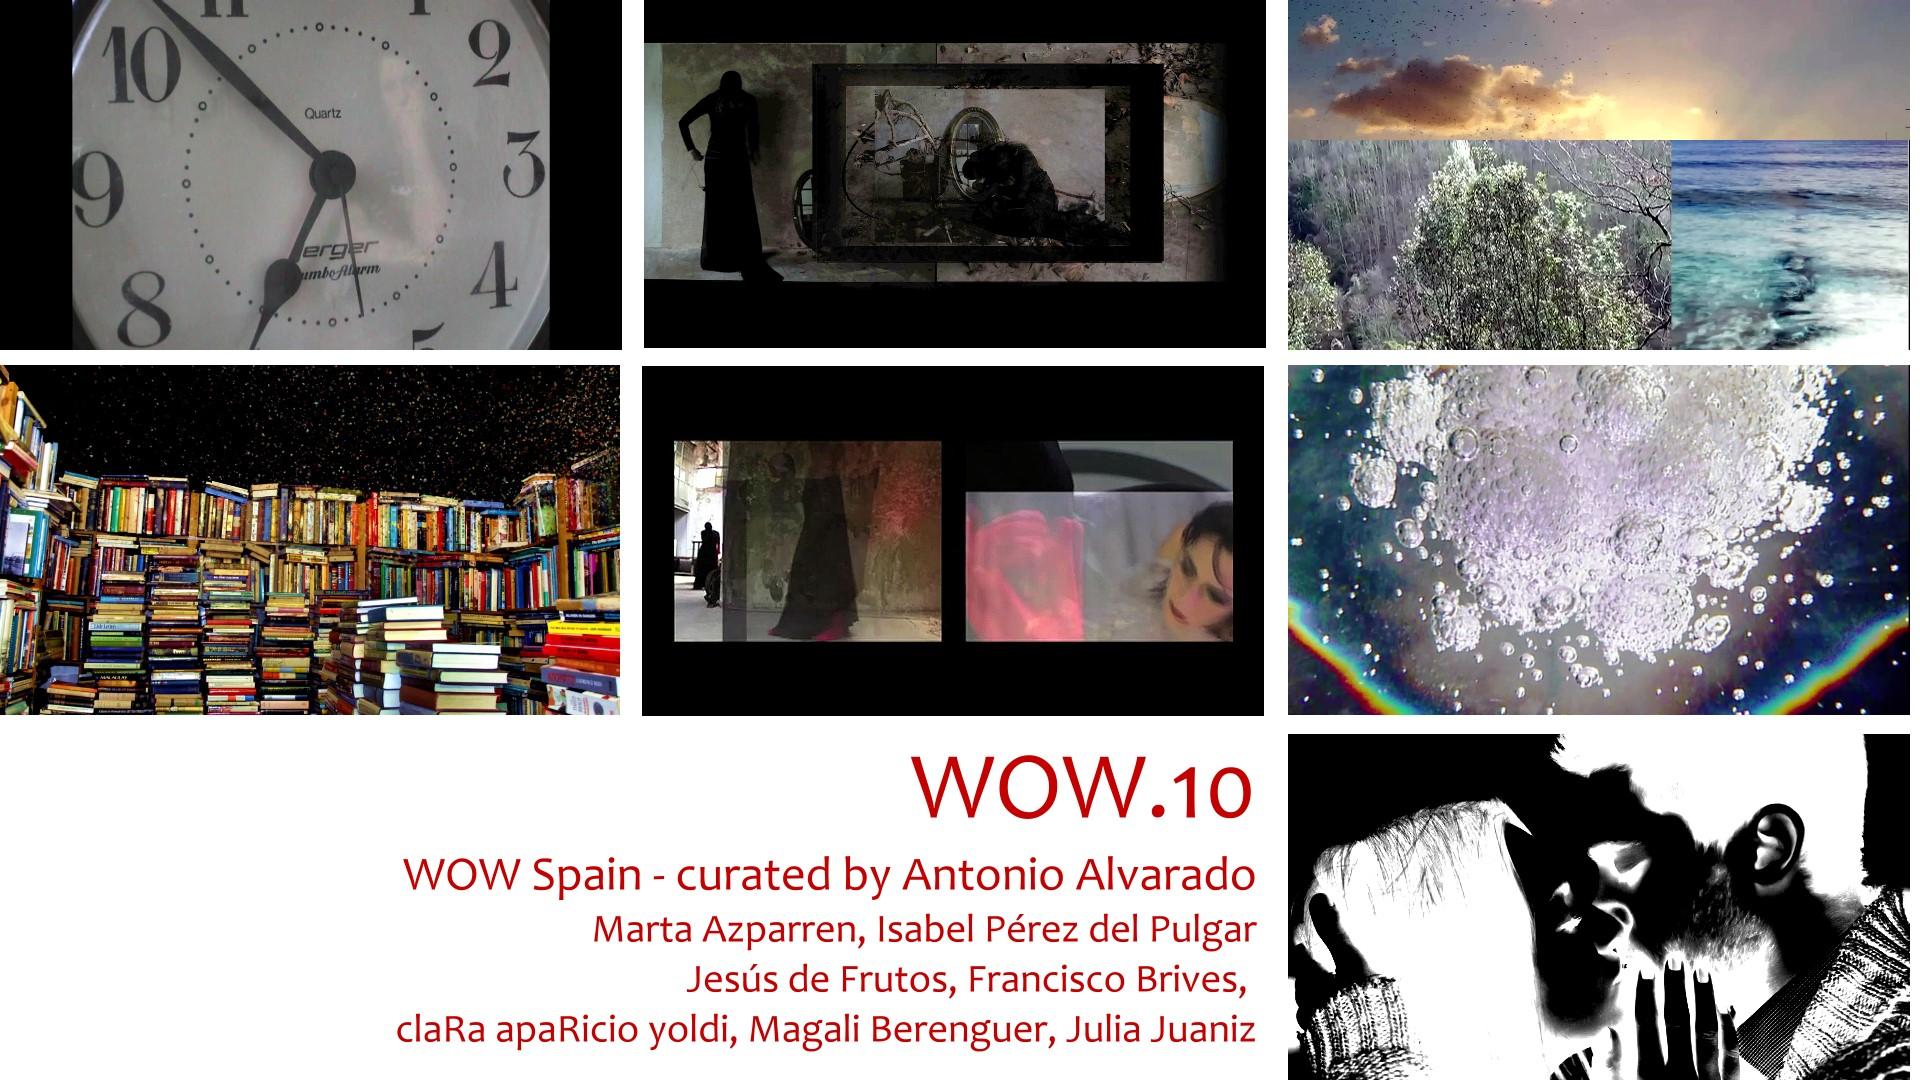 wow.10-spain-1.jpg